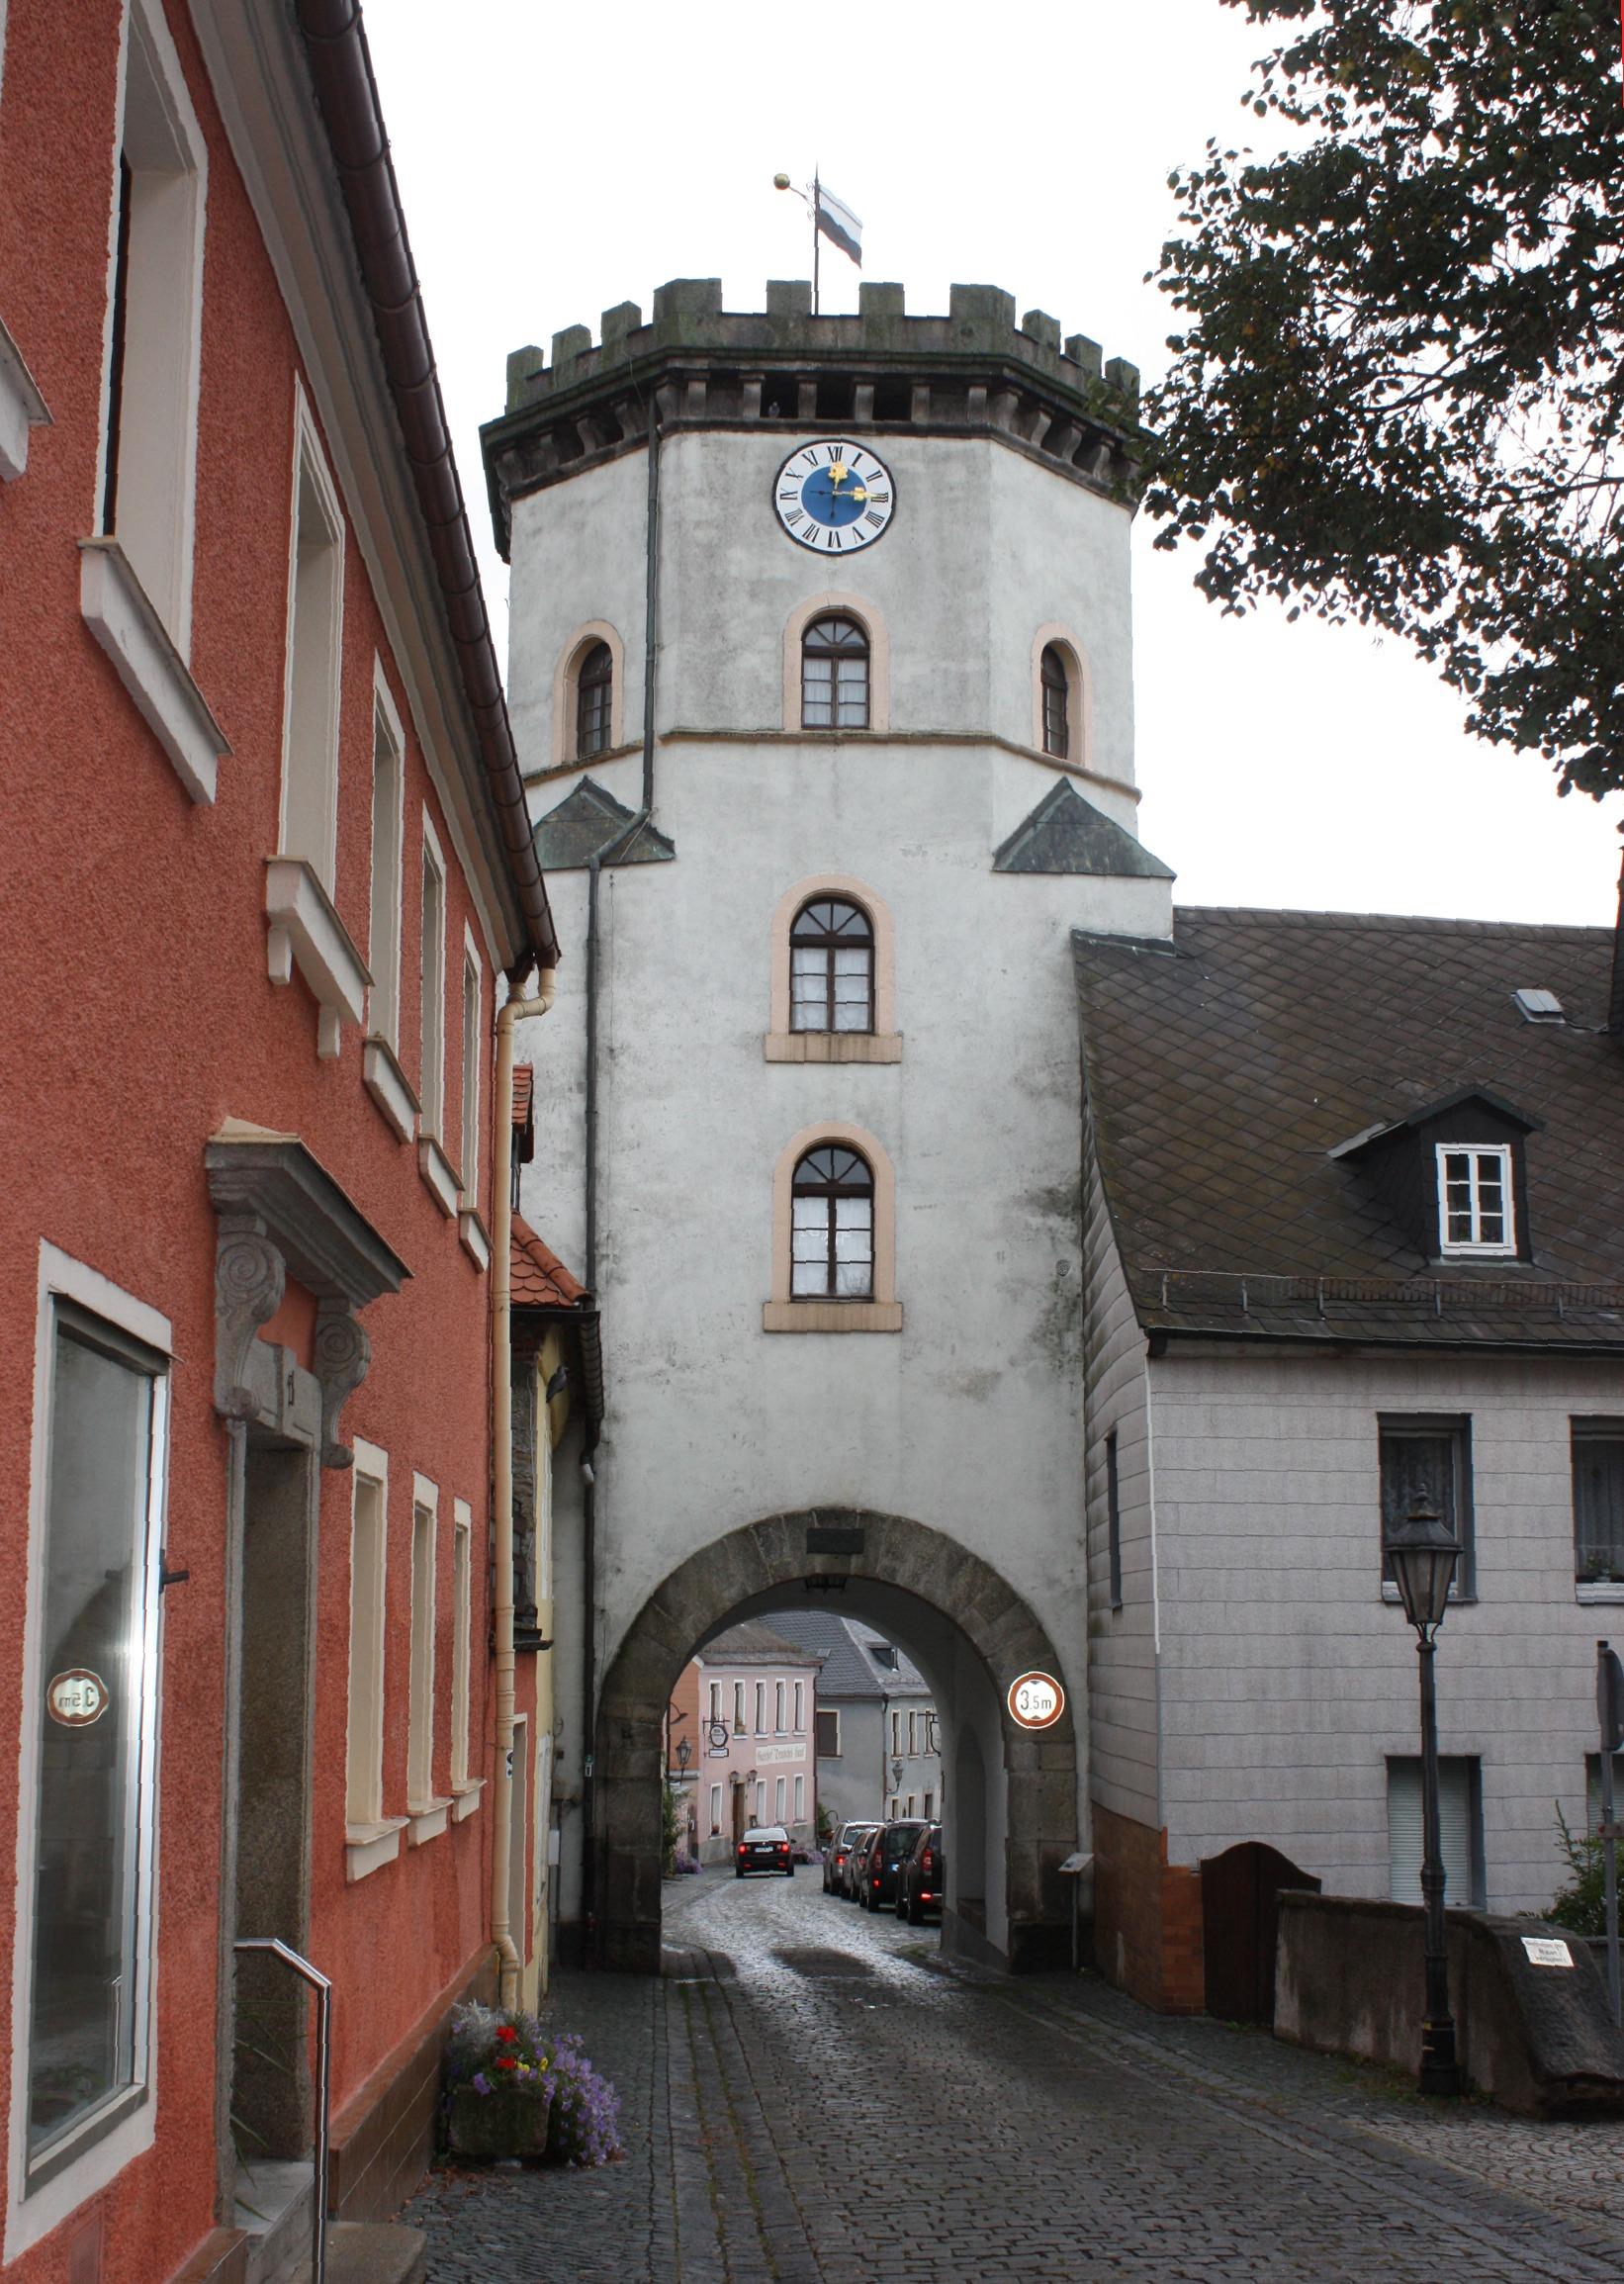 Delightful File:Wunsiedel, Das Koppetentor, Außenseite.JPG